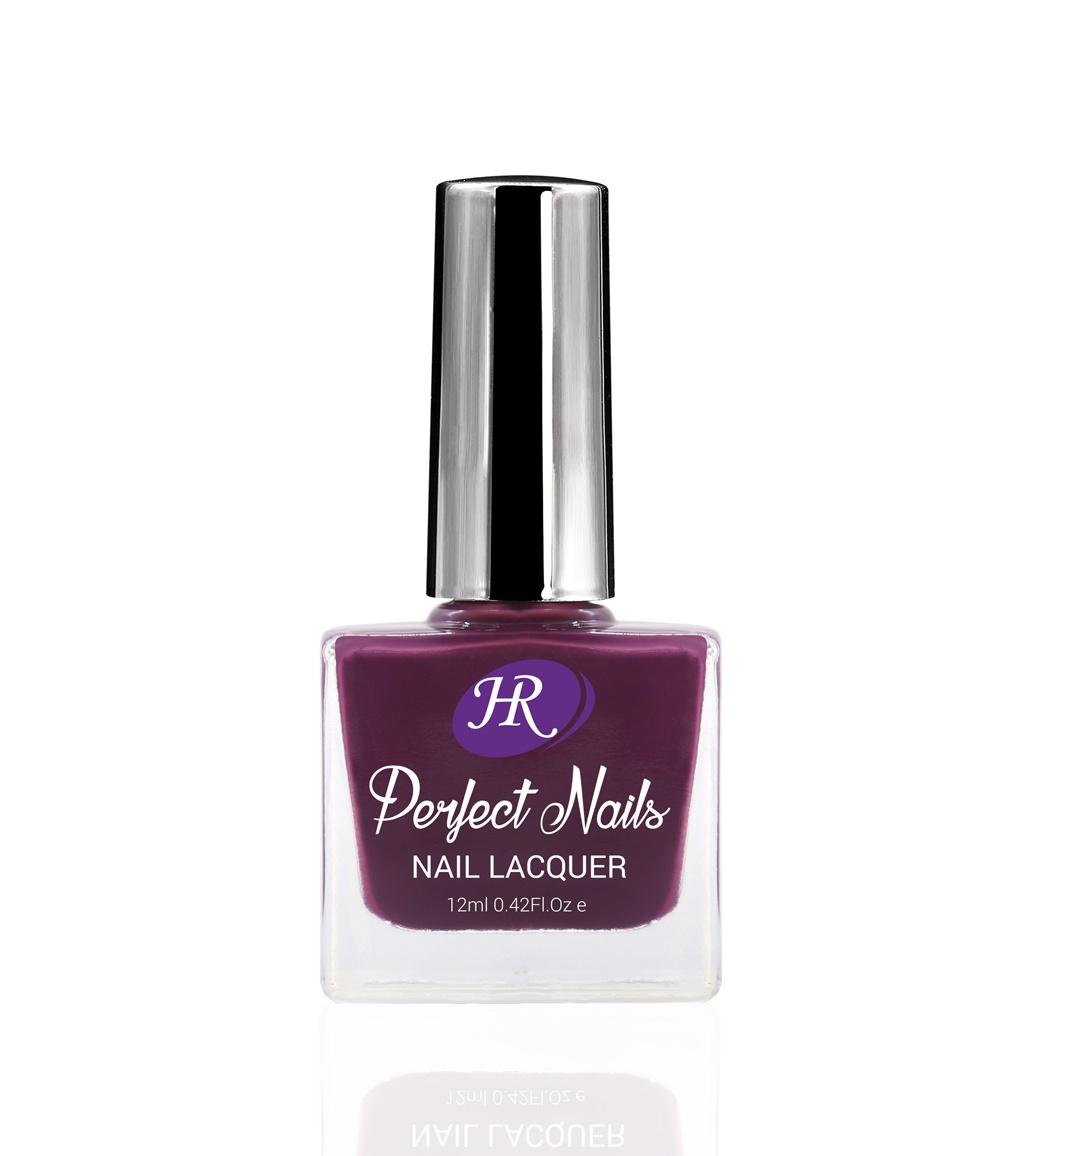 Лак Perfect Nails 015 12мл HOLY ROSE 78015 фиолетовый729-78015Лак HOLY ROSE подарит вам красивый маникюр и отличное настроение. Оптимальная консистенция, удобная кисточка позволяют легко и равномерно покрыть ногти. Быстро сохнет, удаляется любой жидкостью для снятия лака. Оцените превосходное качество по привлекательной цене!